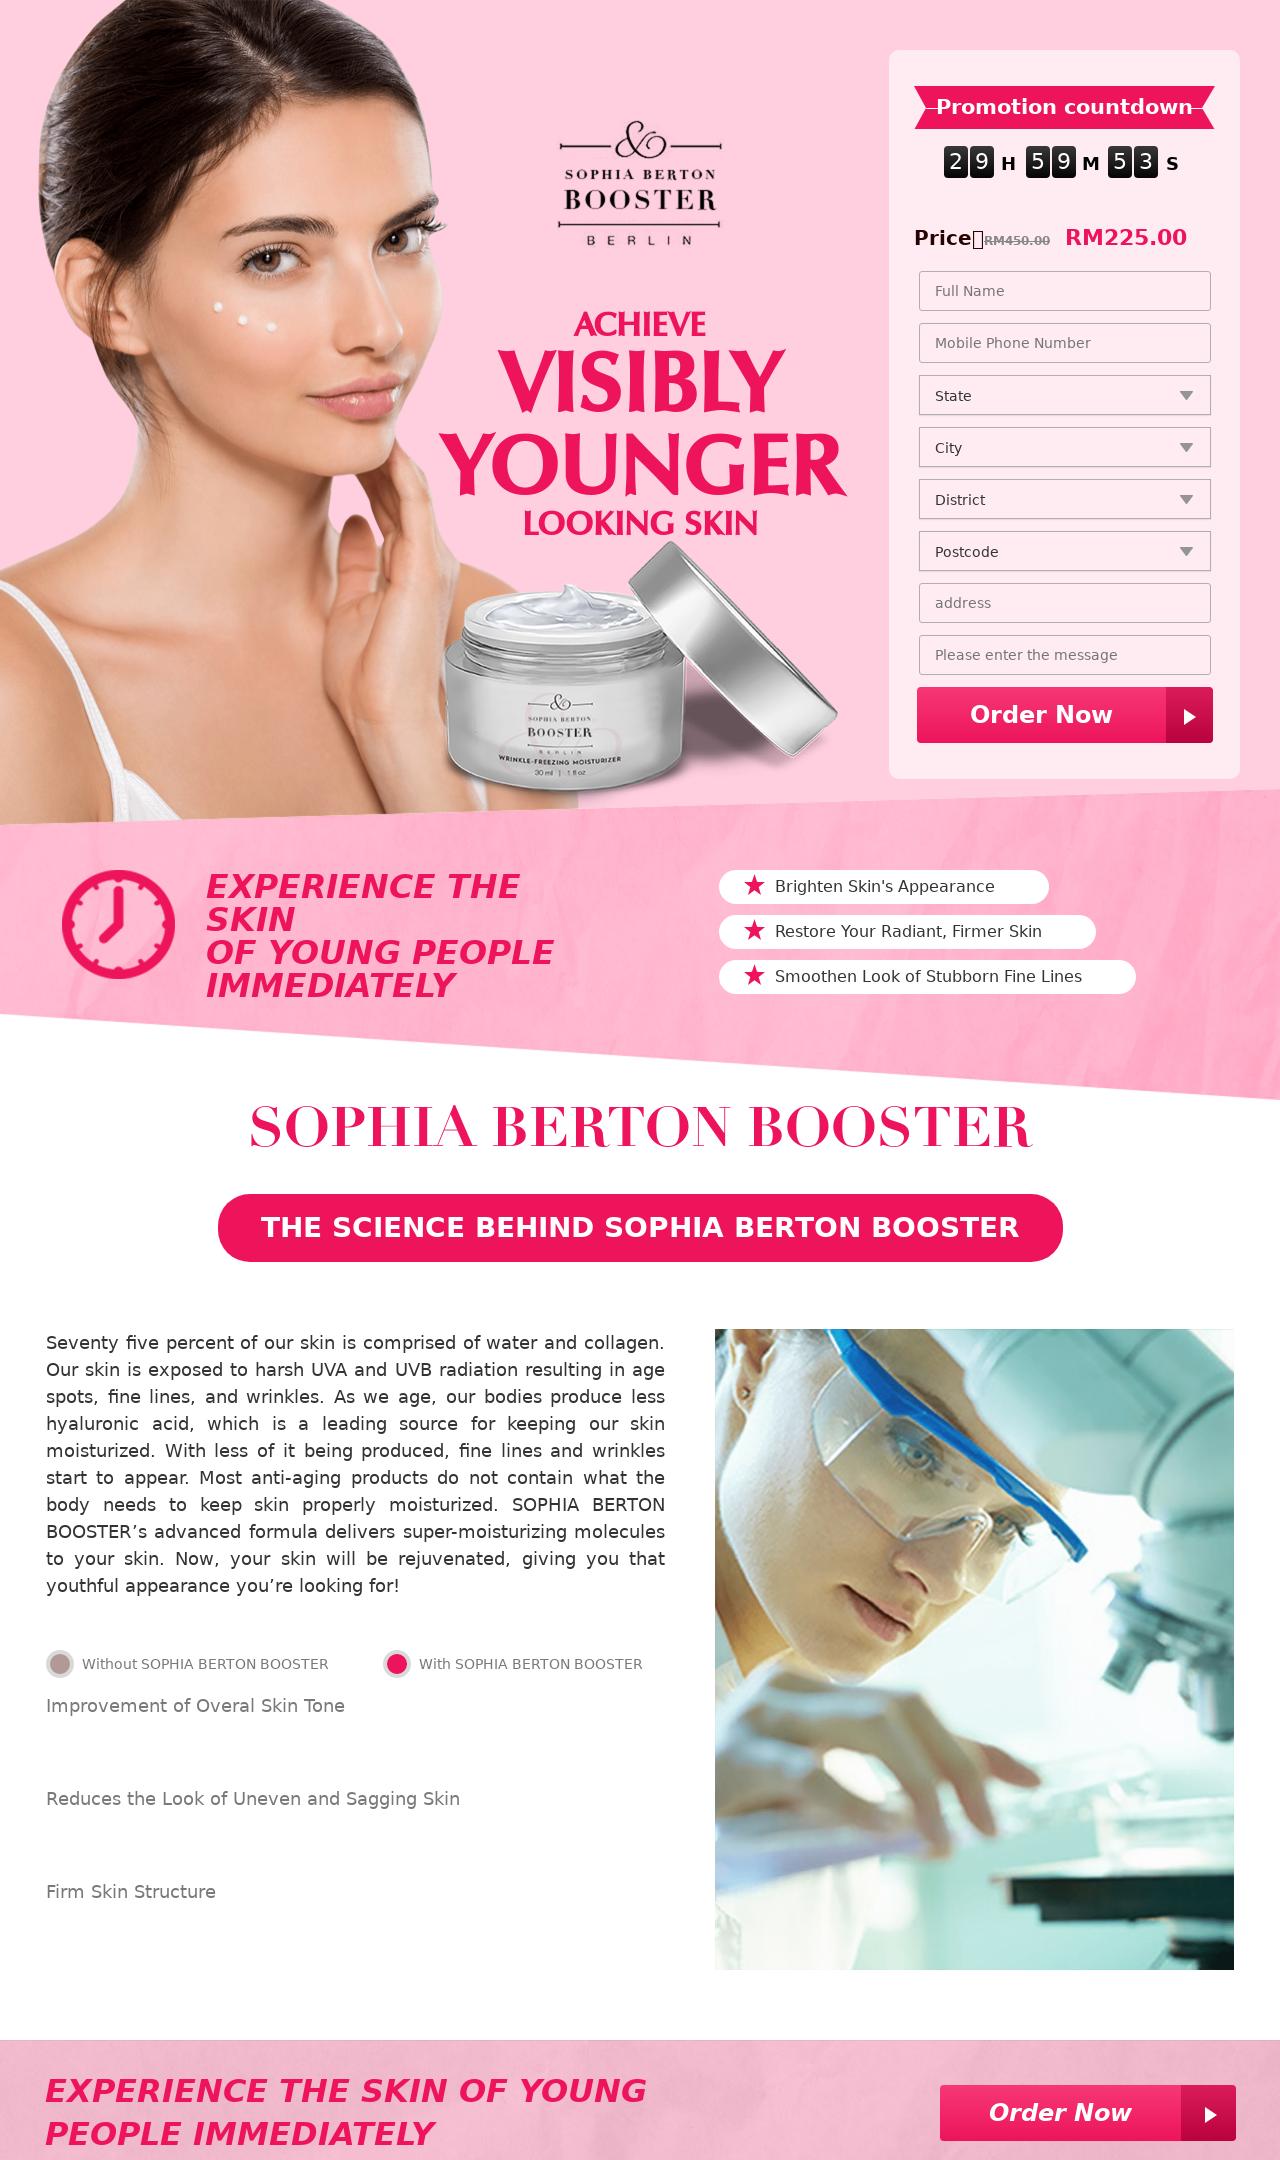 Sophia Berton Booster